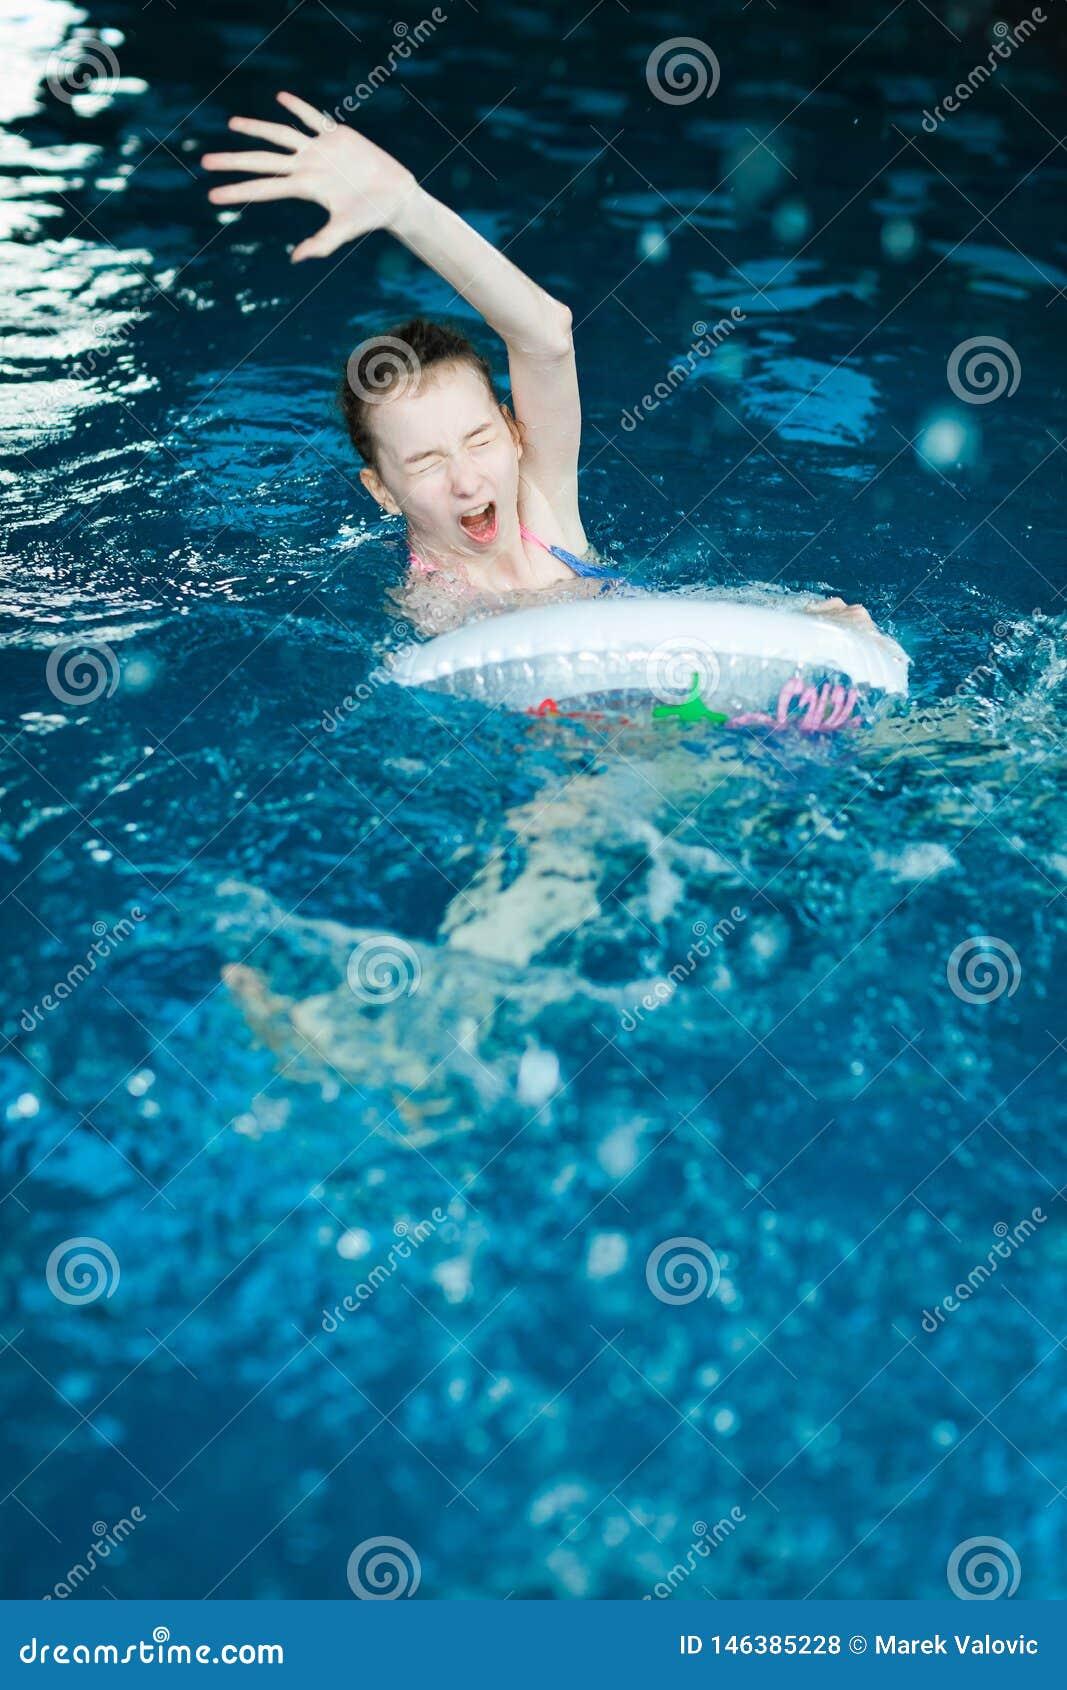 Dibujo desamparado del niño en piscina interior